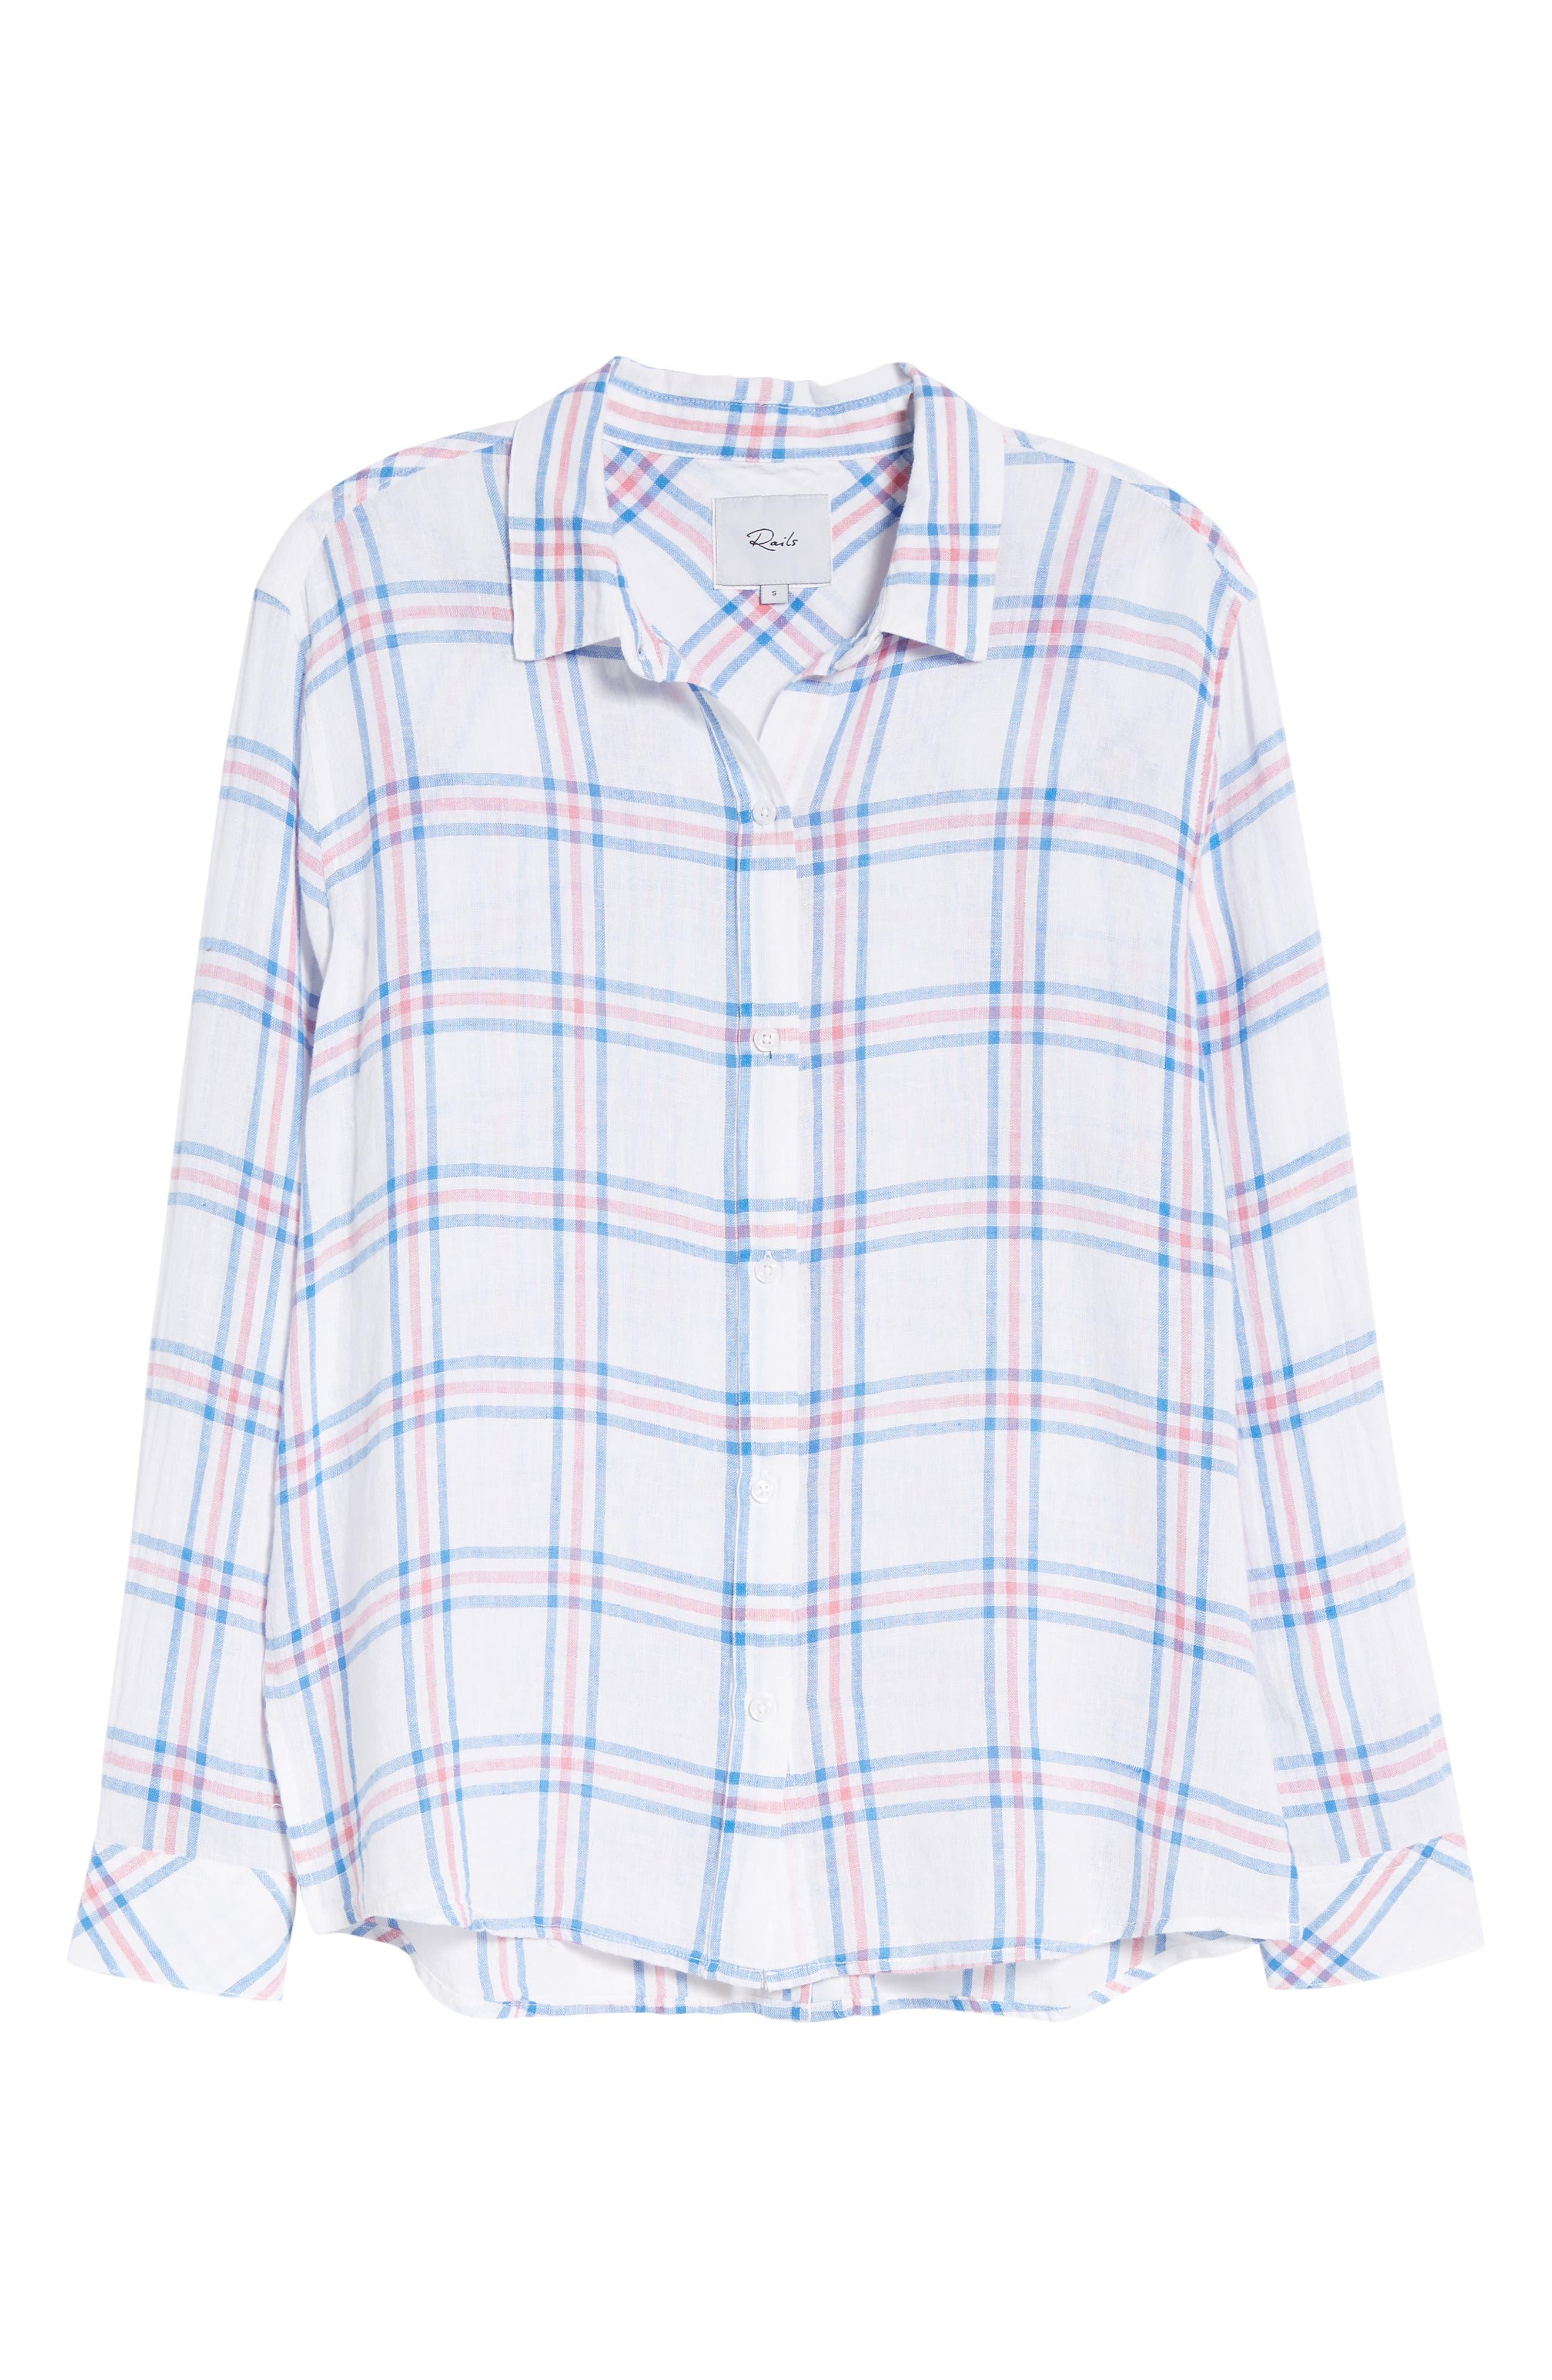 Sydney Stripe Shirt,                             Alternate thumbnail 3, color,                             Raspberry Azure White